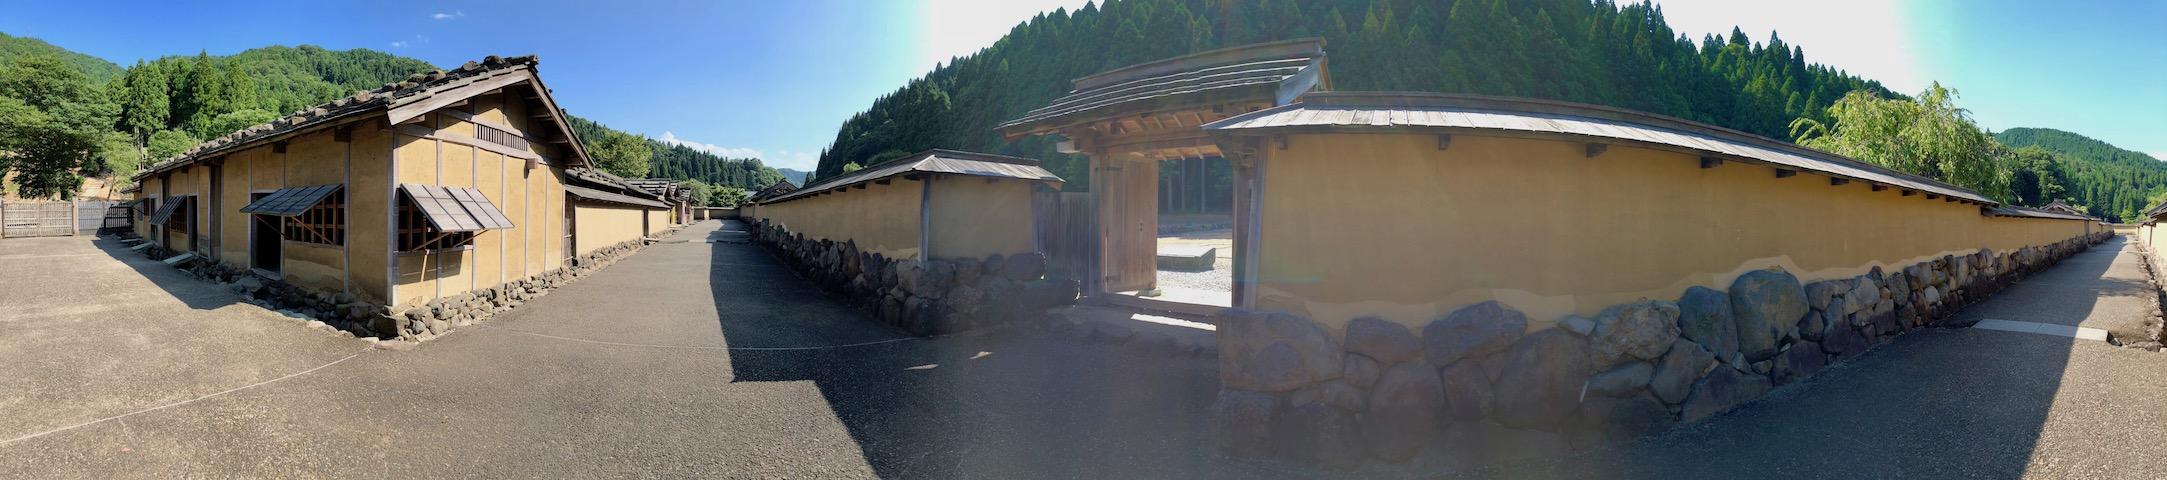 一乗谷朝倉氏遺跡の復原町並の通りのパノラマ写真